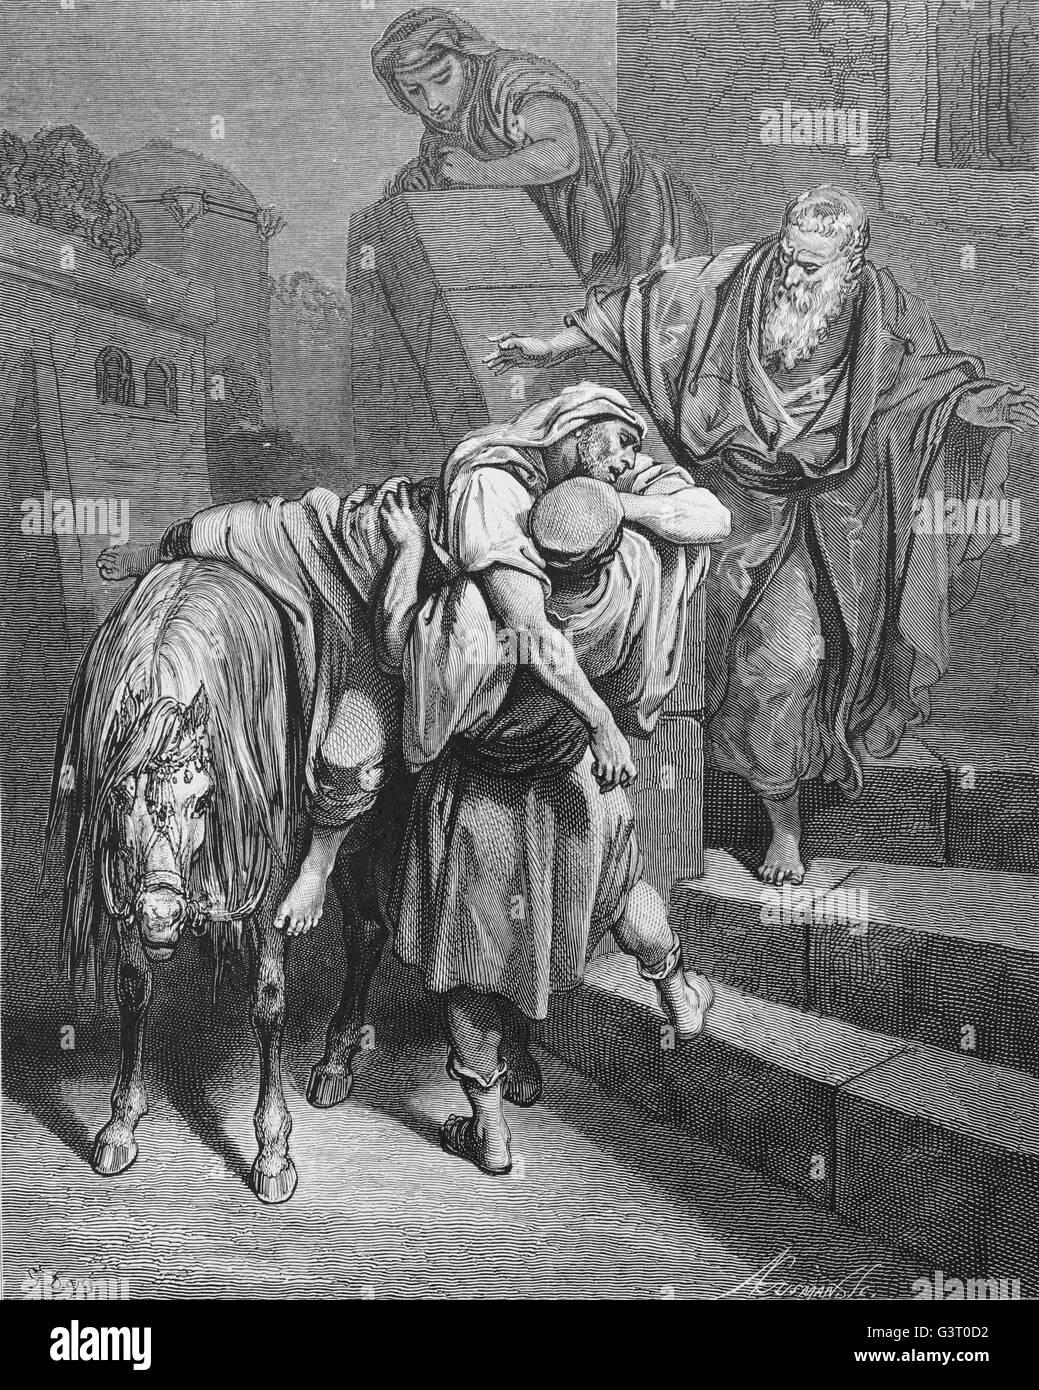 Ankunft vom barmherzigen Samariter im Inn. Lukas 10:34. Stich von Gustave Dore. des 19. Jahrhunderts. Stockbild